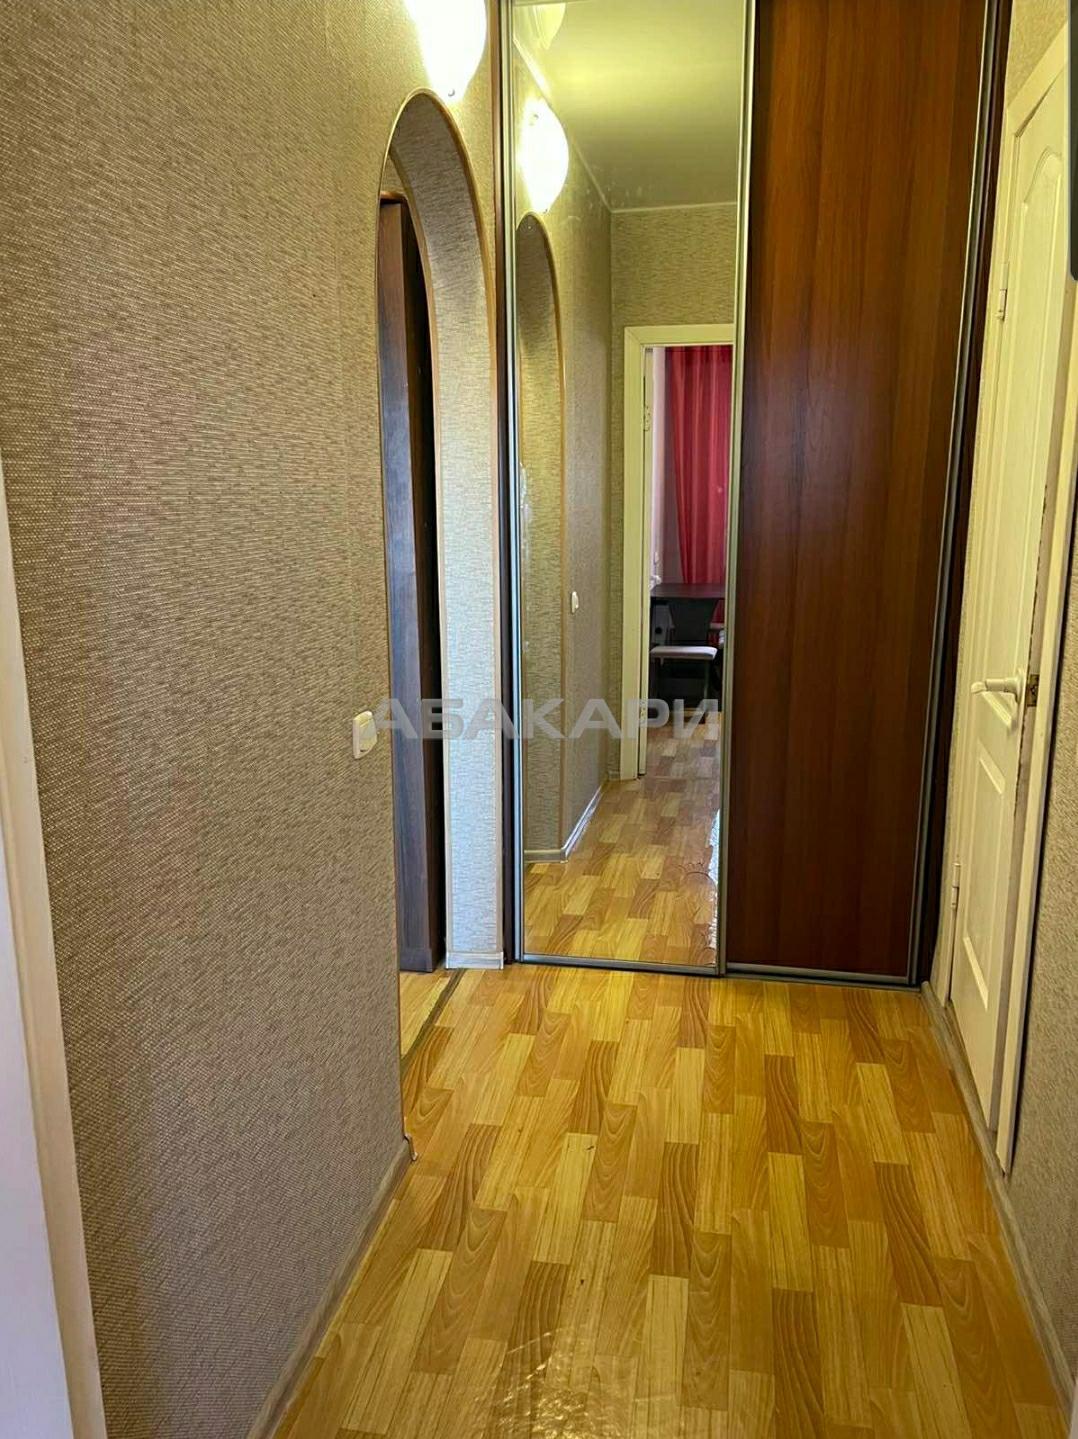 1к квартира улица Молокова, 10 | 18000 | аренда в Красноярске фото 9